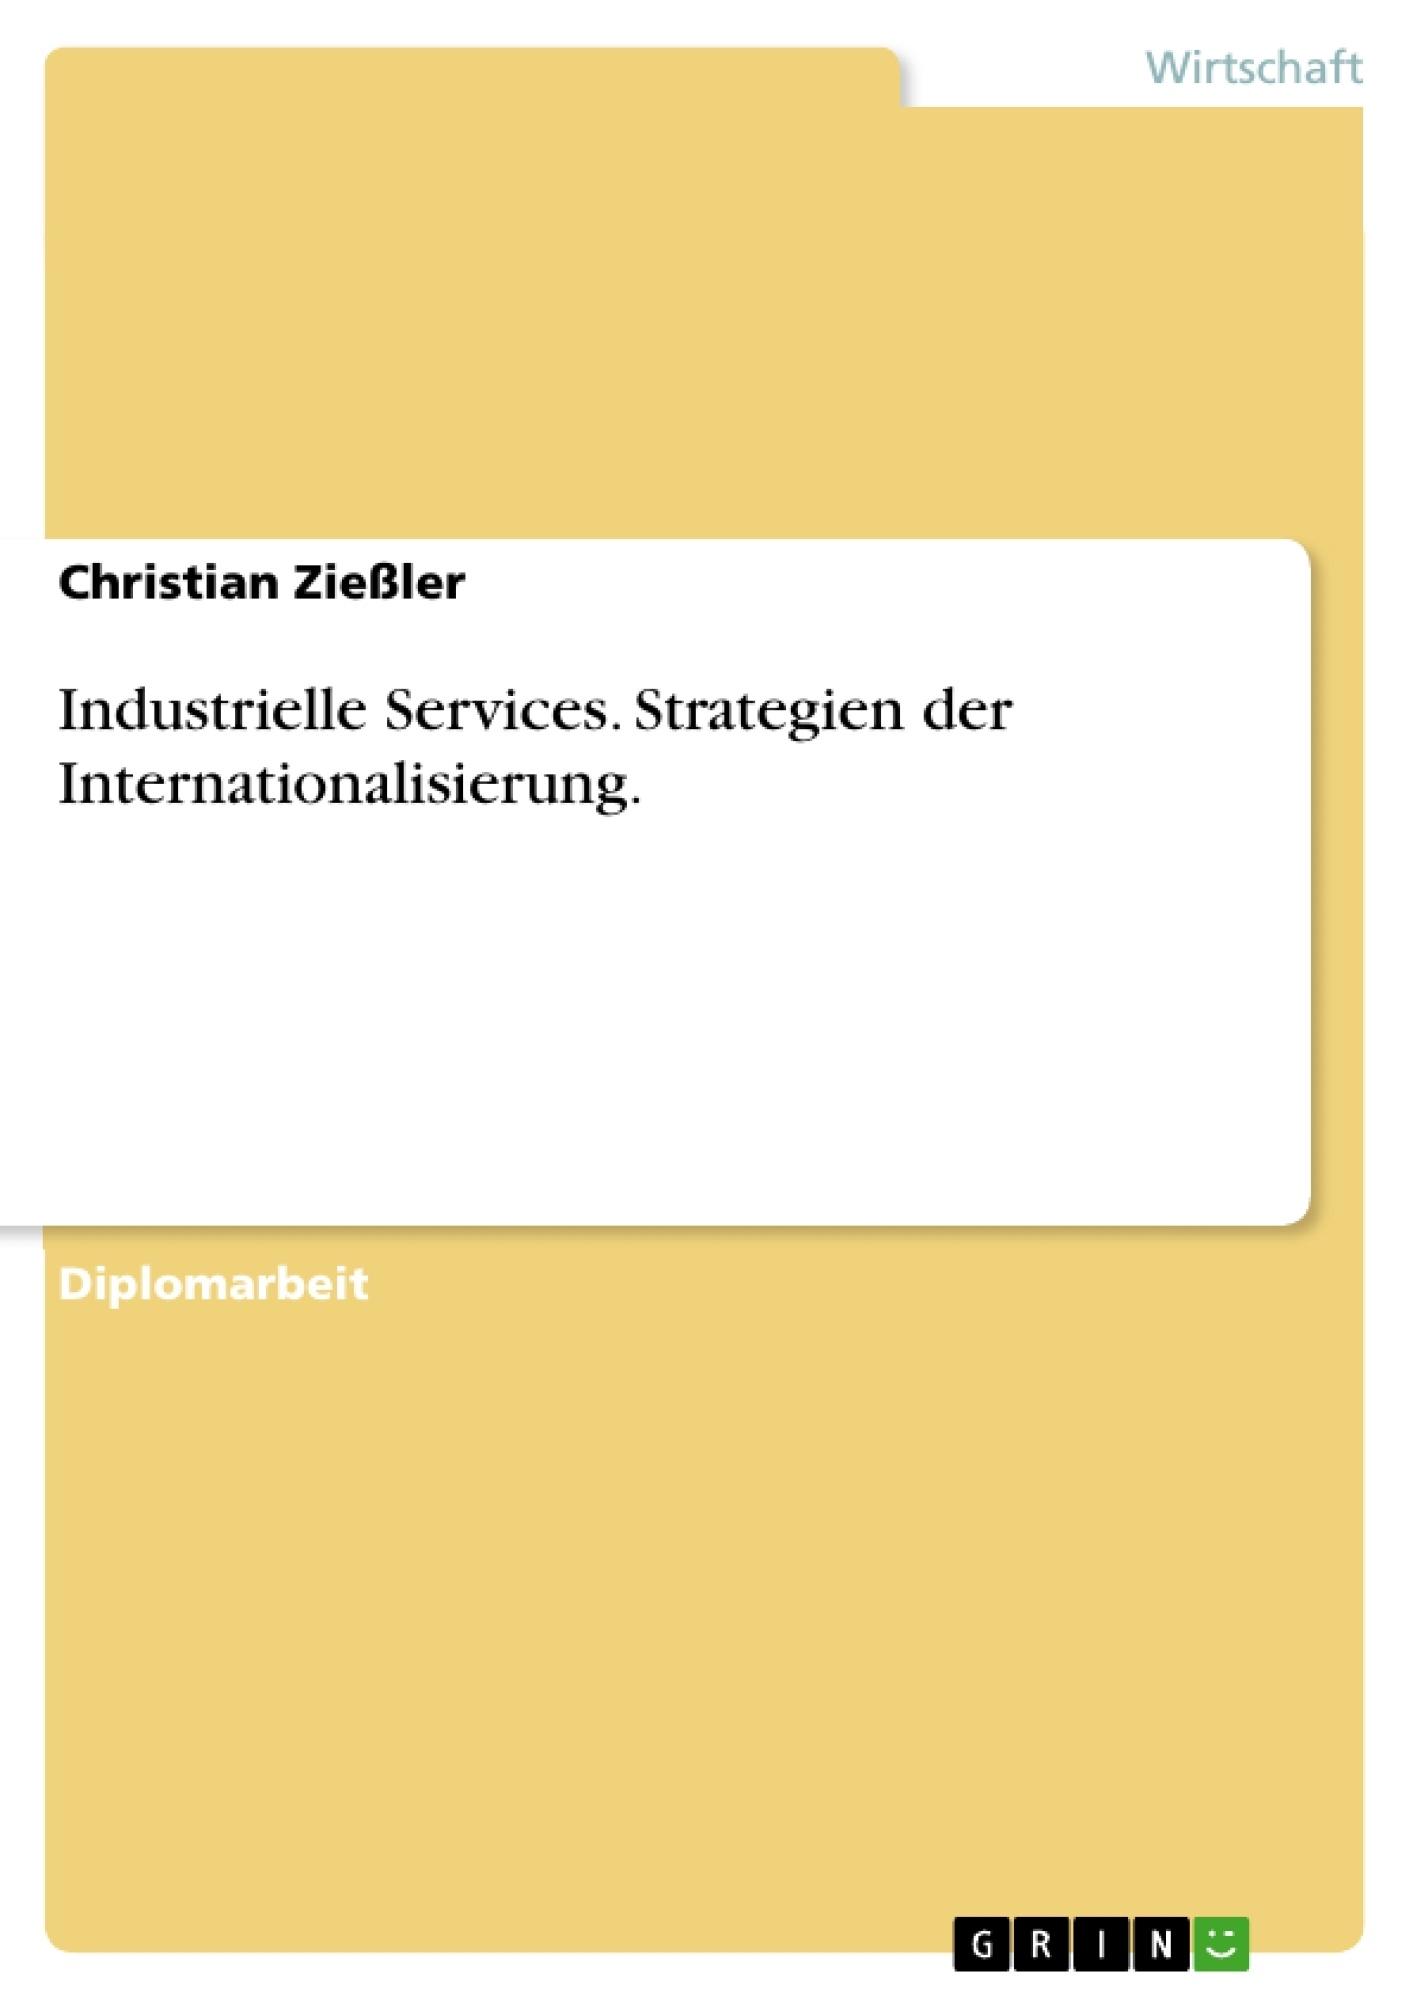 Titel: Industrielle Services. Strategien der Internationalisierung.